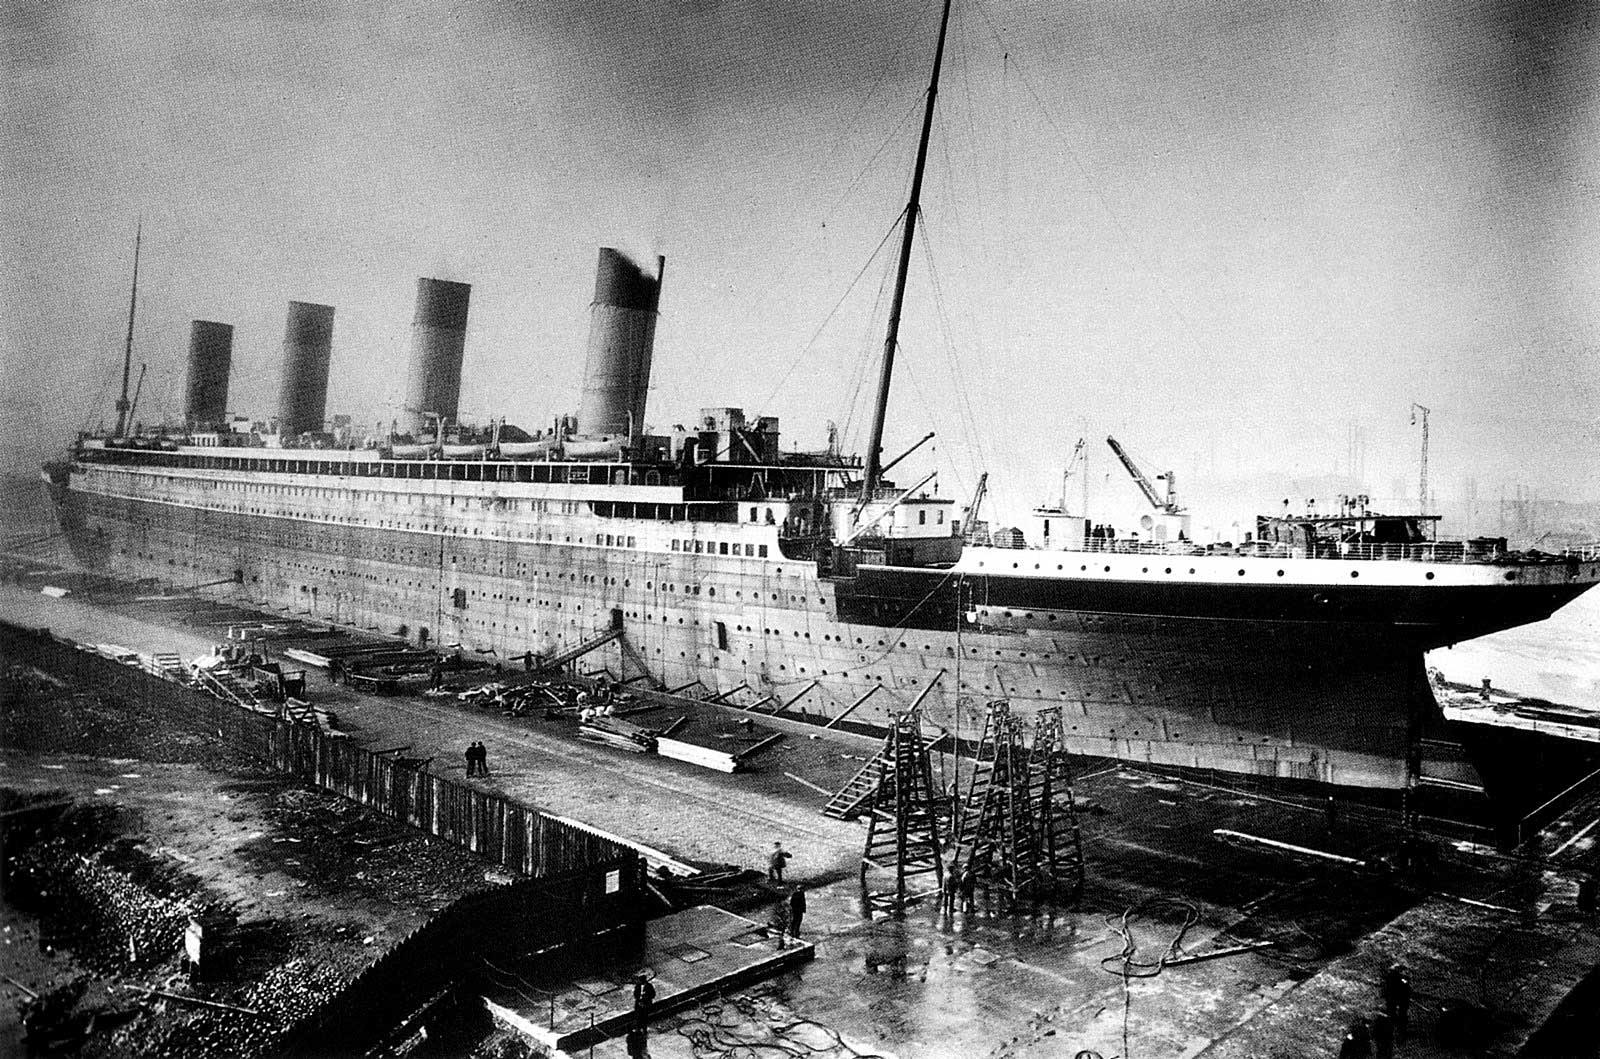 سفينة تيتانيك .. Titanic - منصة تجربة